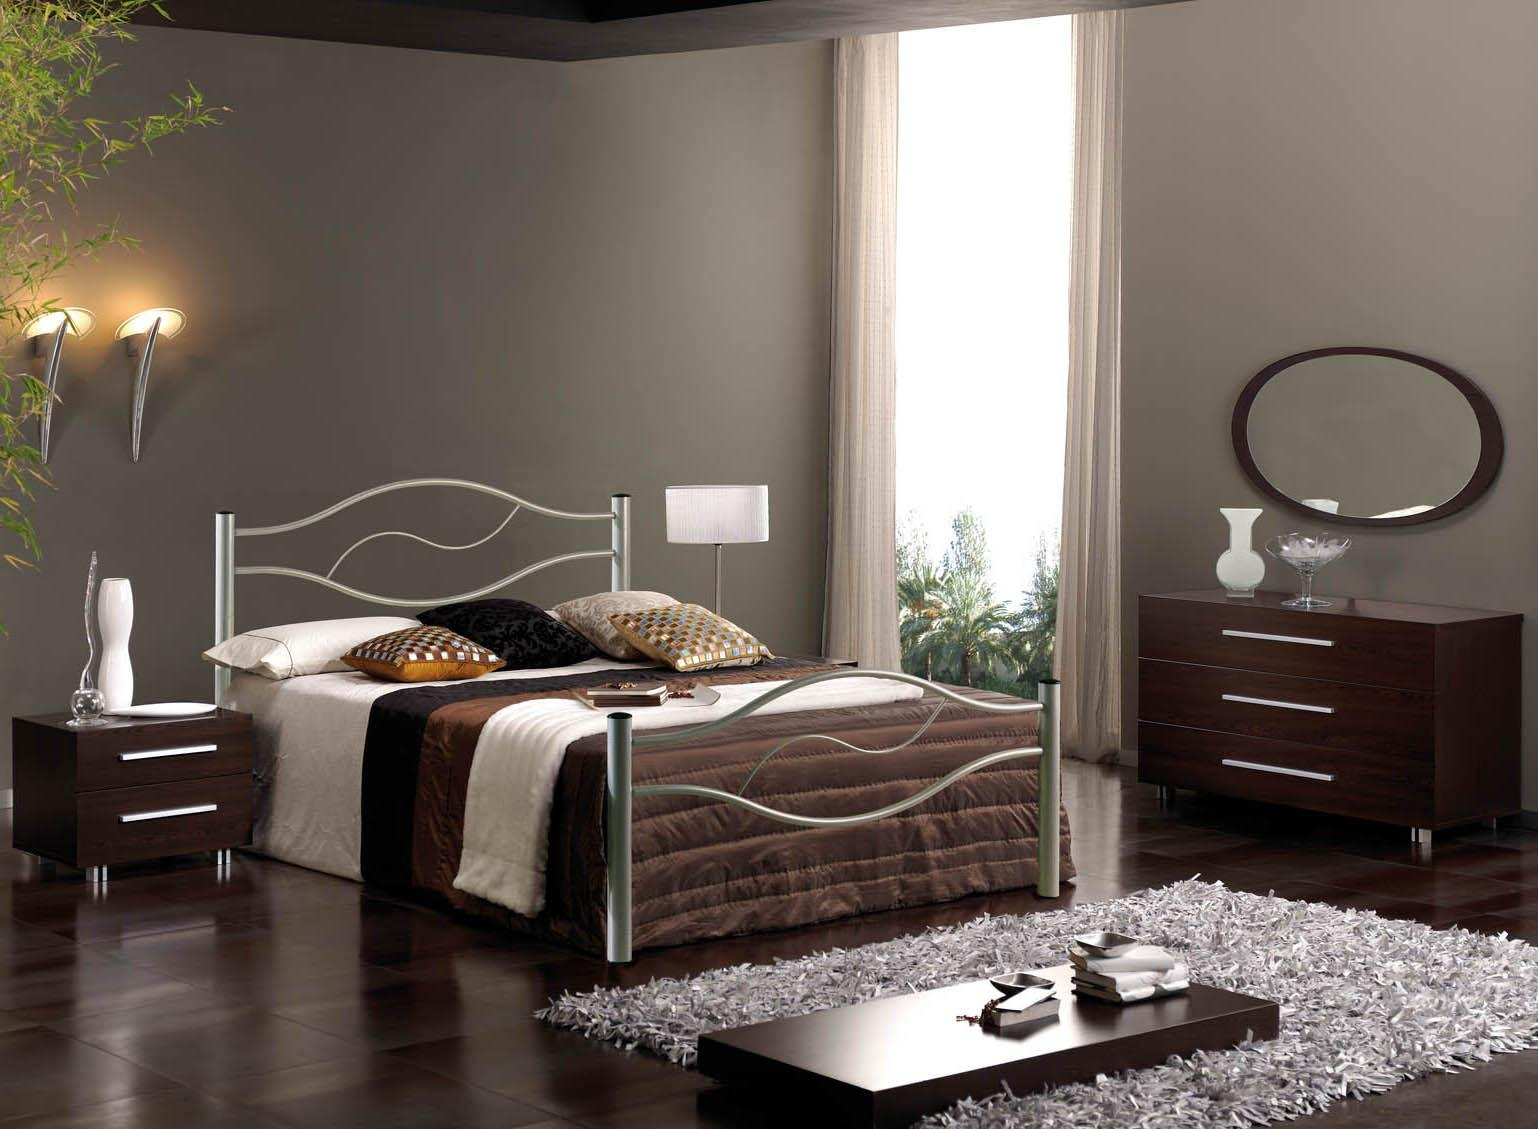 Interior Design For Small Bedroom